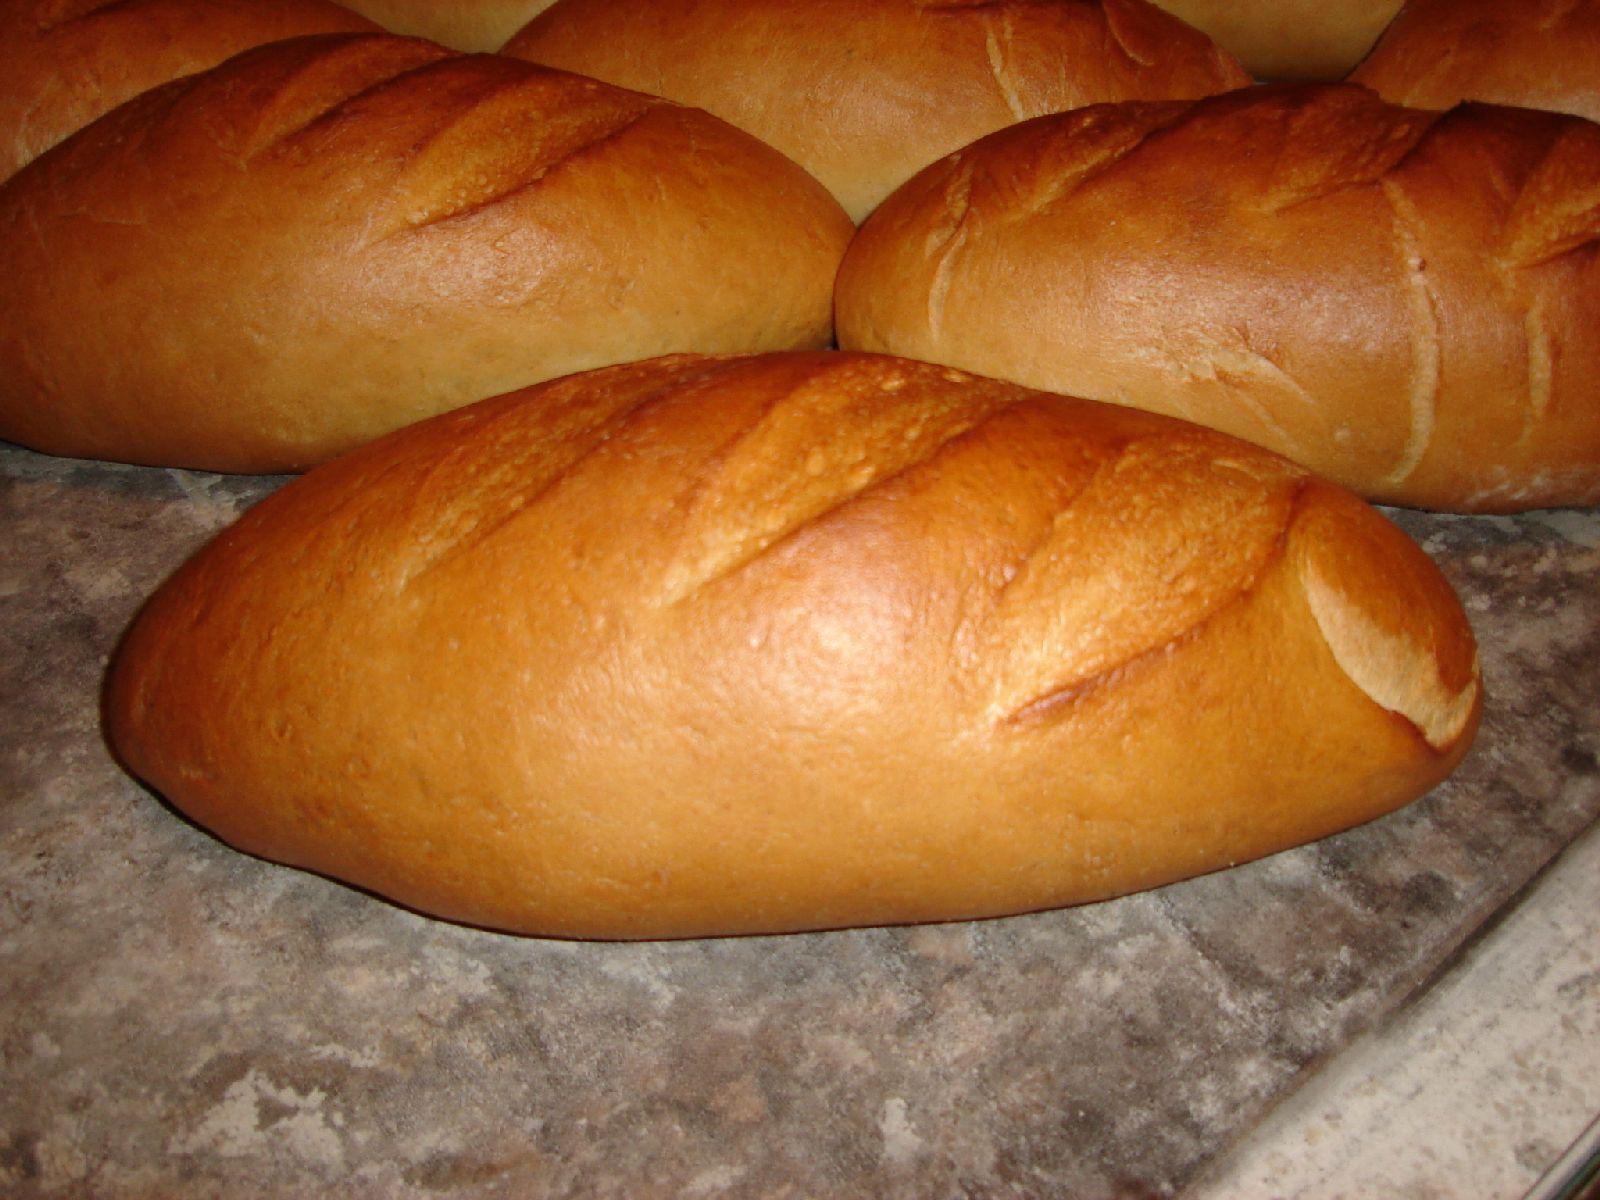 együttes kezelés kenyérrel bokaízület ízületi kezelése kenőcsökkel